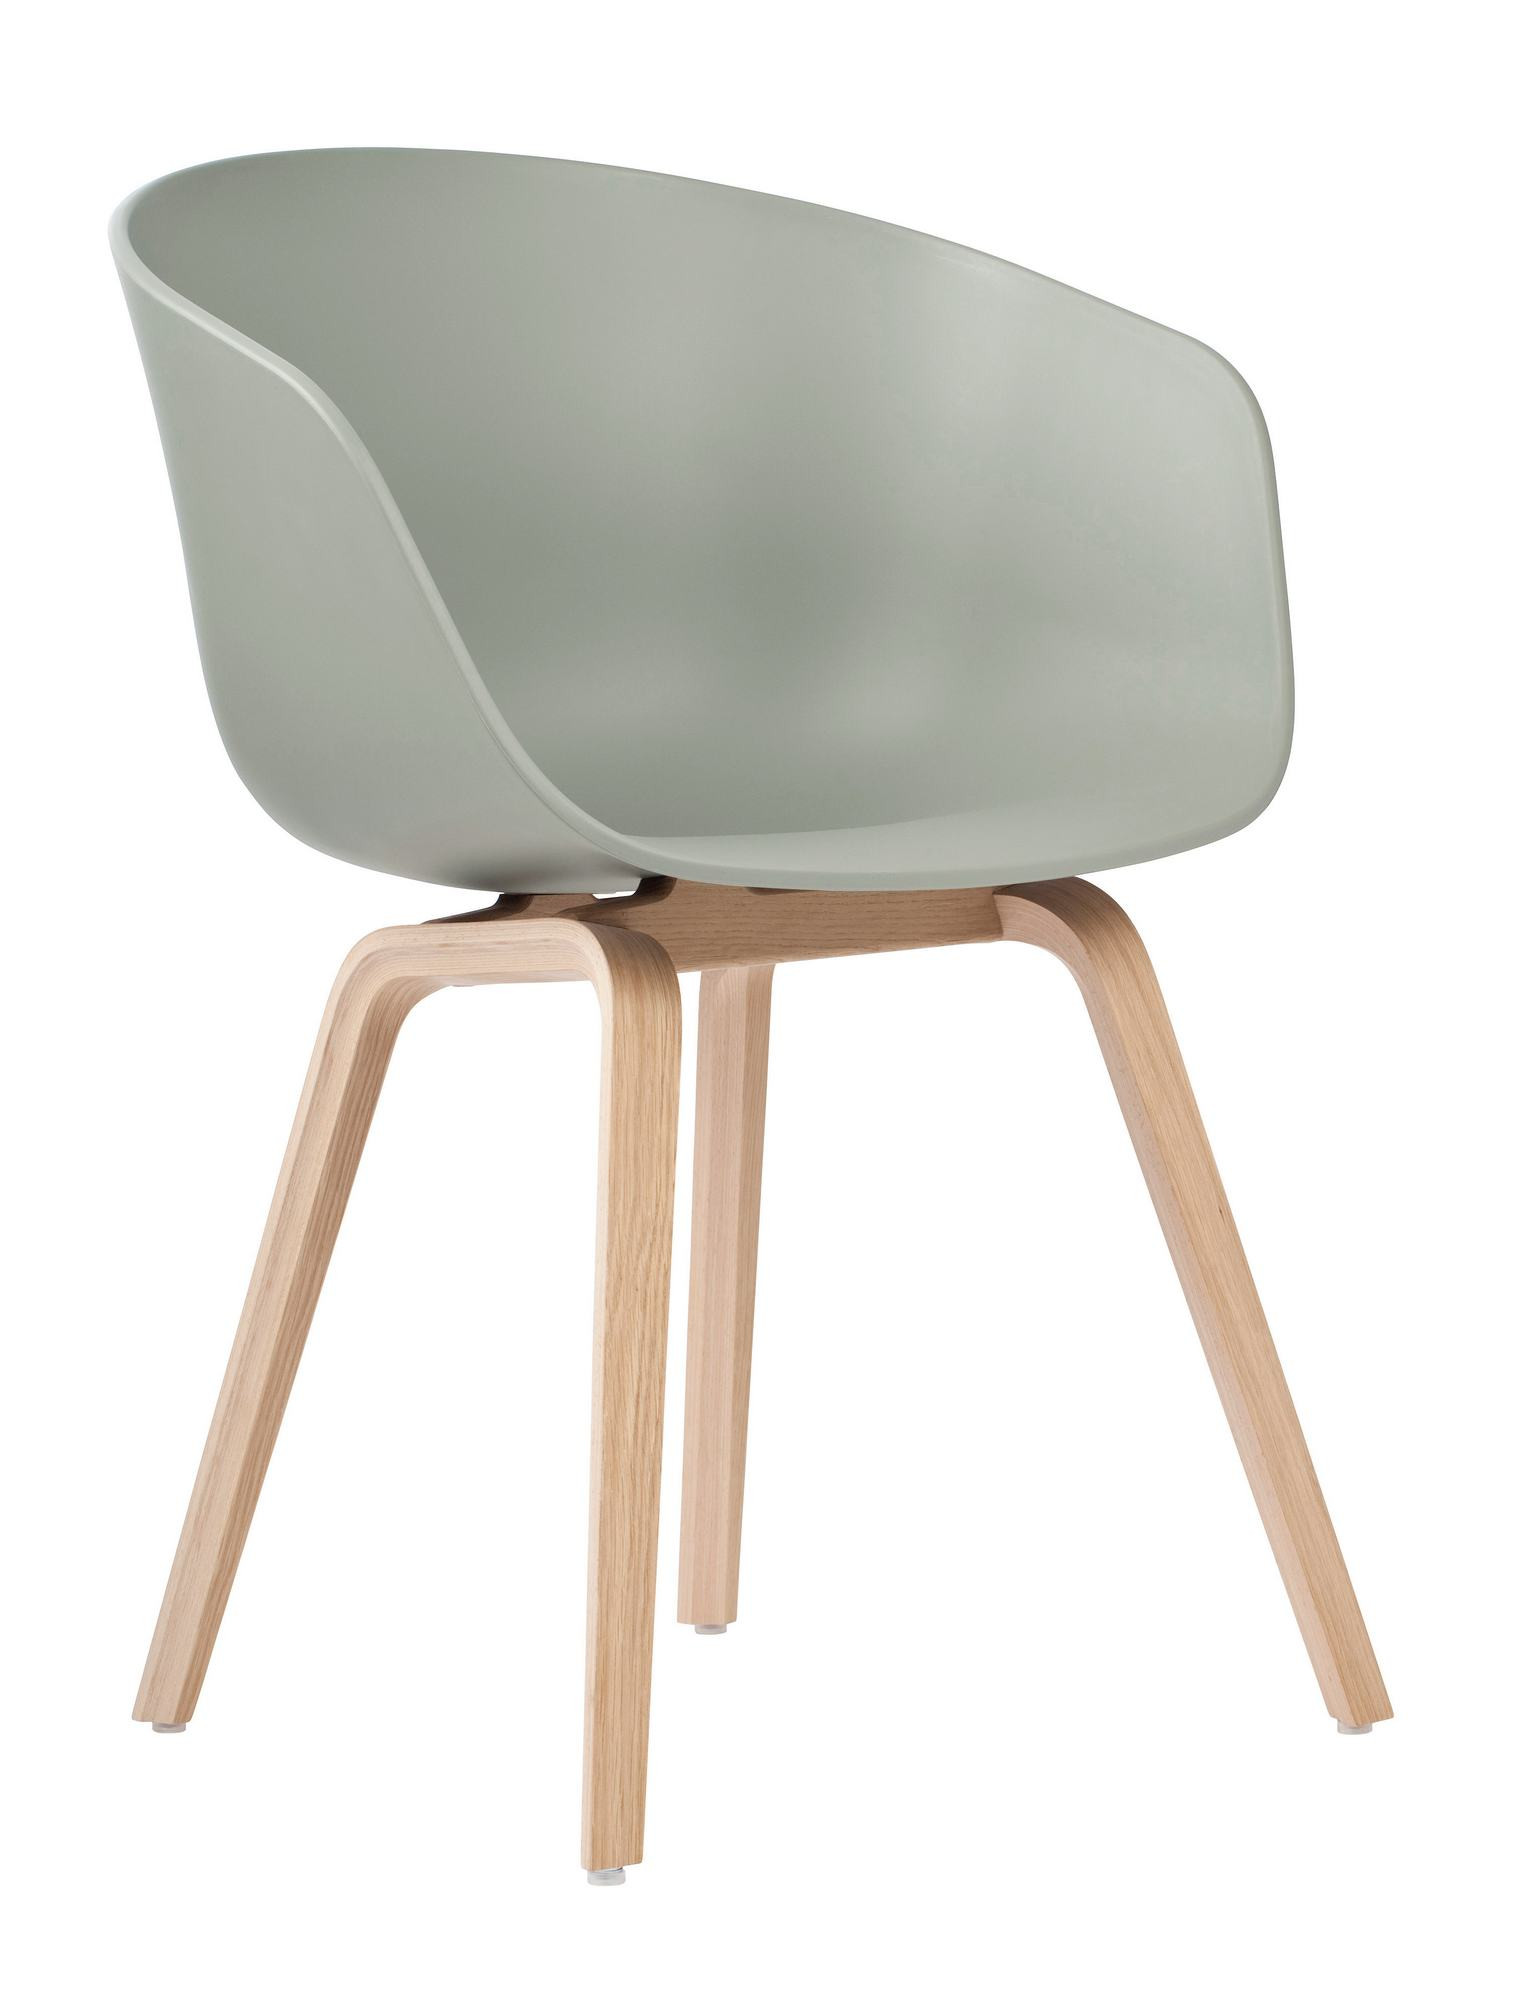 כיסא מודרני וצעיר לפינות אוכל עם רגליים חזקות ויציבות במבחר גוונים  - תמונה 5